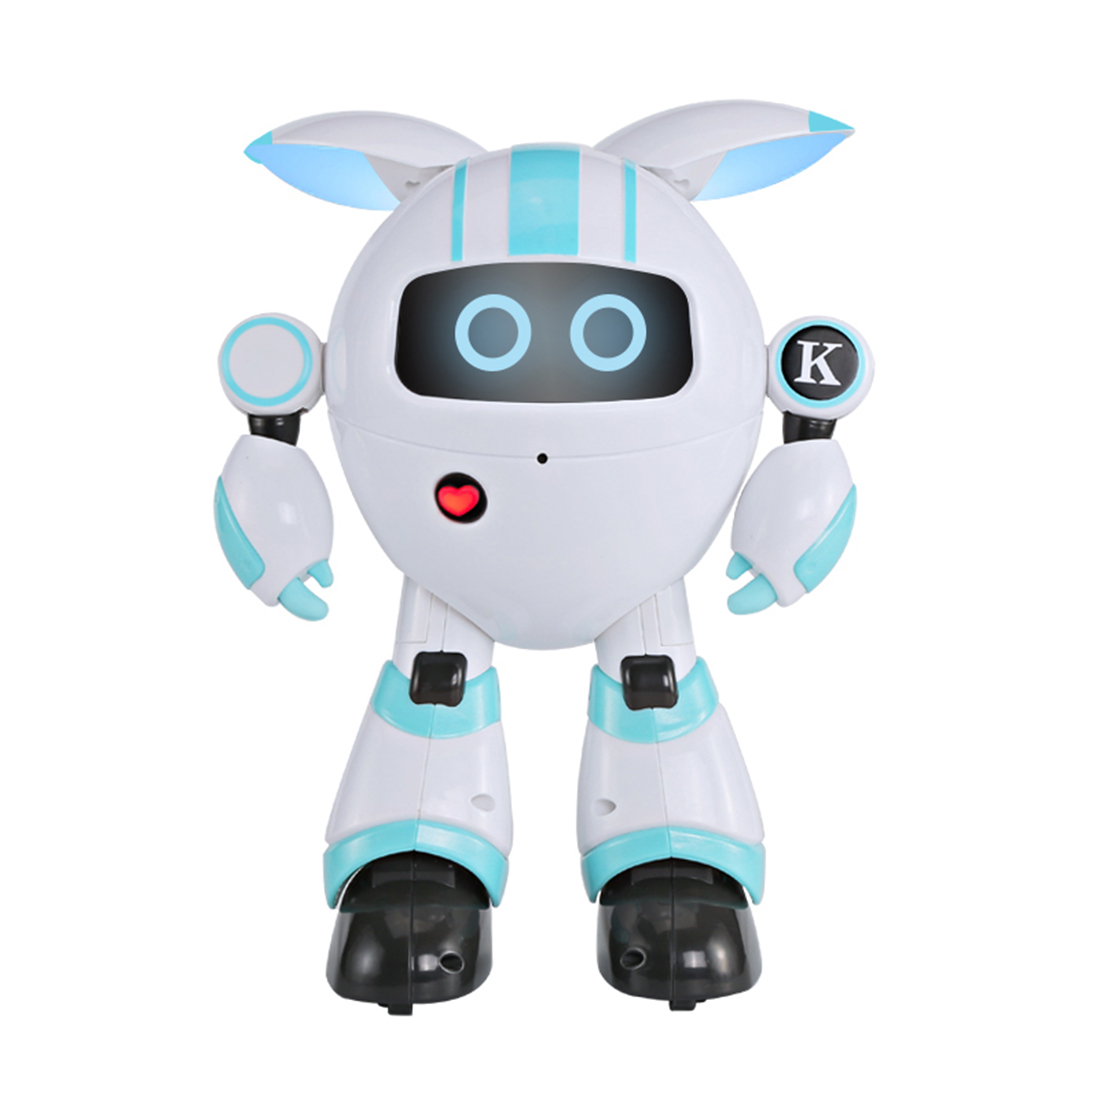 High-tech-spielzeug PüNktlich Modiker Smart Programmierbare Walking Robot Rc Elektronische Tanzen Singen Geschichte Erzählen Roboter Spielzeug Für Kinder High Tech Spielzeug-blau 100% Garantie